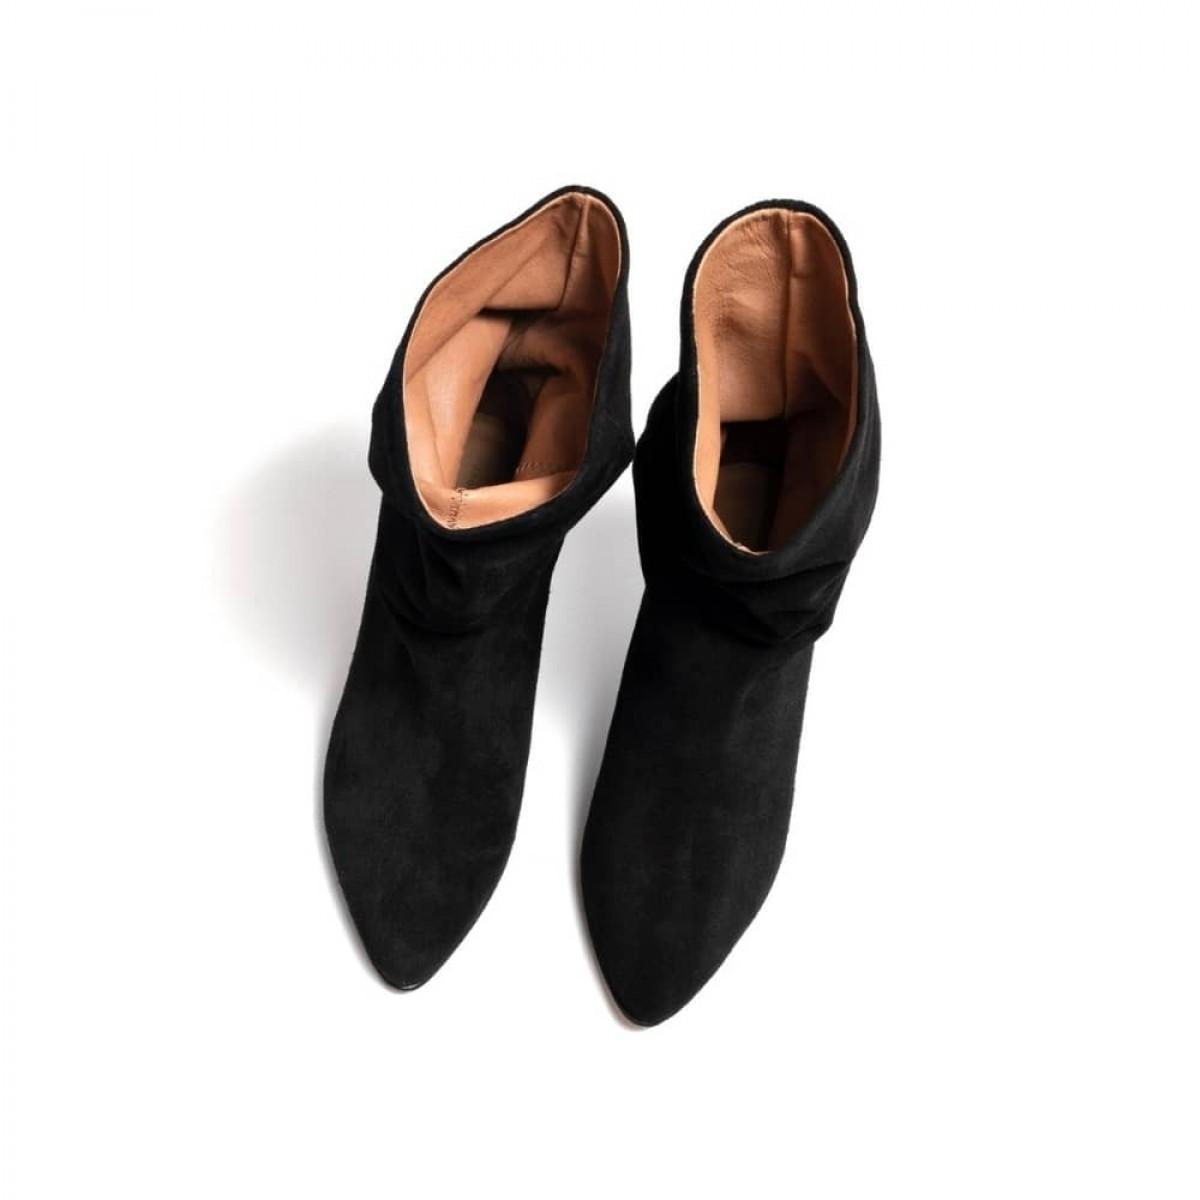 vully 50 Stiletto - Suede Black - 4